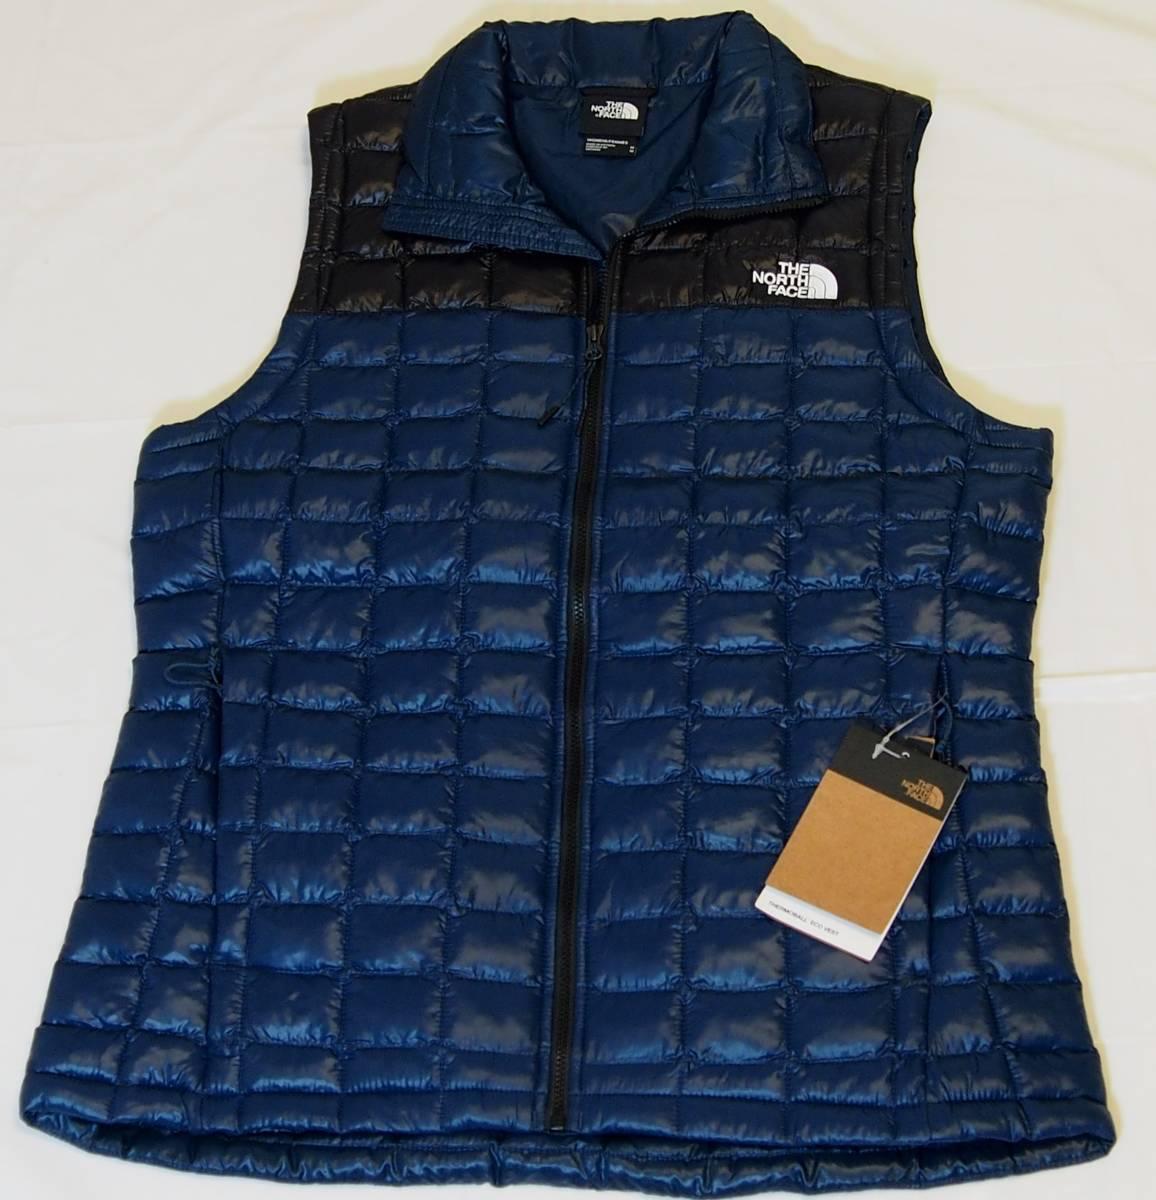 【USA購入、未使用タグ付】ノースフェイス レディース(メンズ可) 中綿ベスト M ブルー×ブラック The North Face Thermoball Eco Vest_画像1